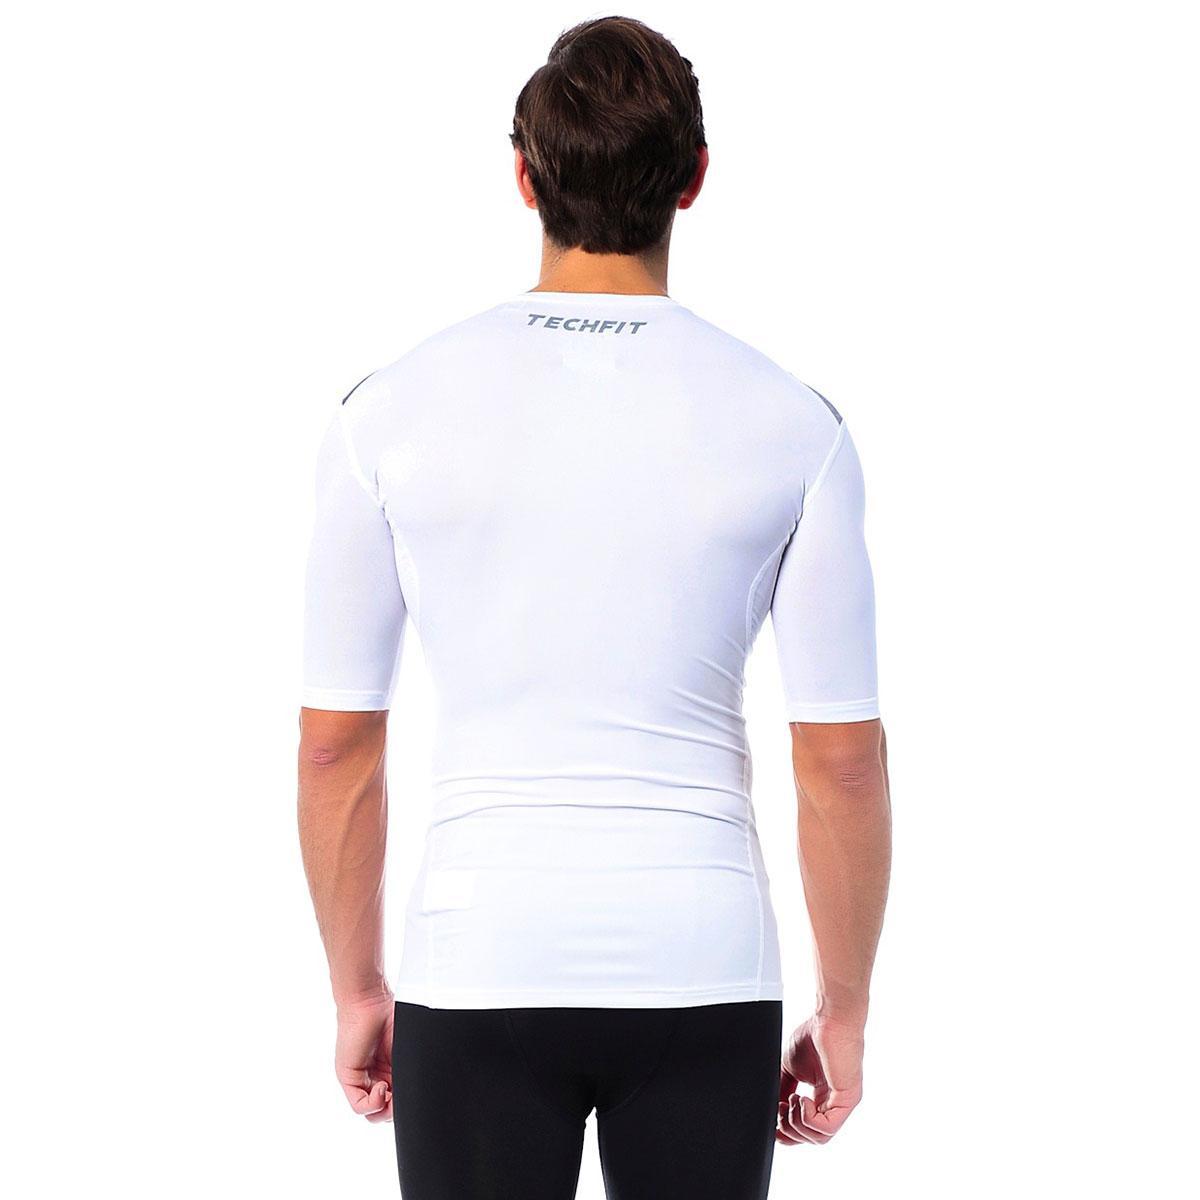 Camiseta de Compressão Masculina Adidas TECHFIT BASE - Adidas -  Branco Cinza - Adidas R  59 b2401e23916e0